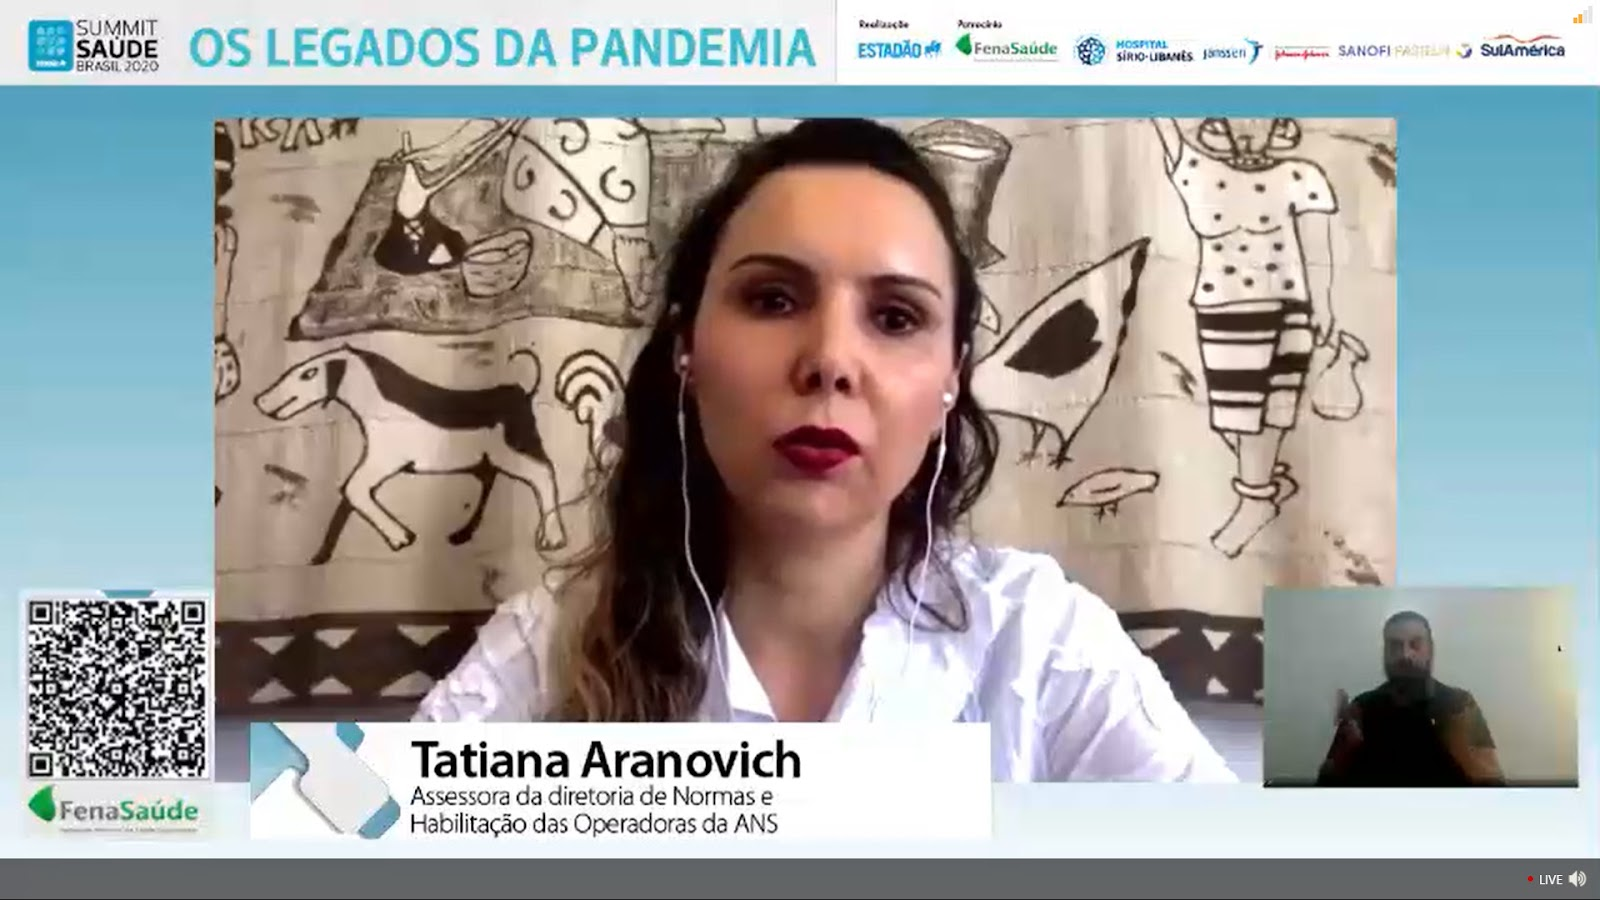 """""""Temos de buscar um modelo sustentável, e não o aumento de custos ano a ano. Nesse cenário, o reajuste não se torna mais prioritário"""", defende Tatiana Aranovich. (Fonte: Summit Saúde Brasil 2020/Reprodução)"""